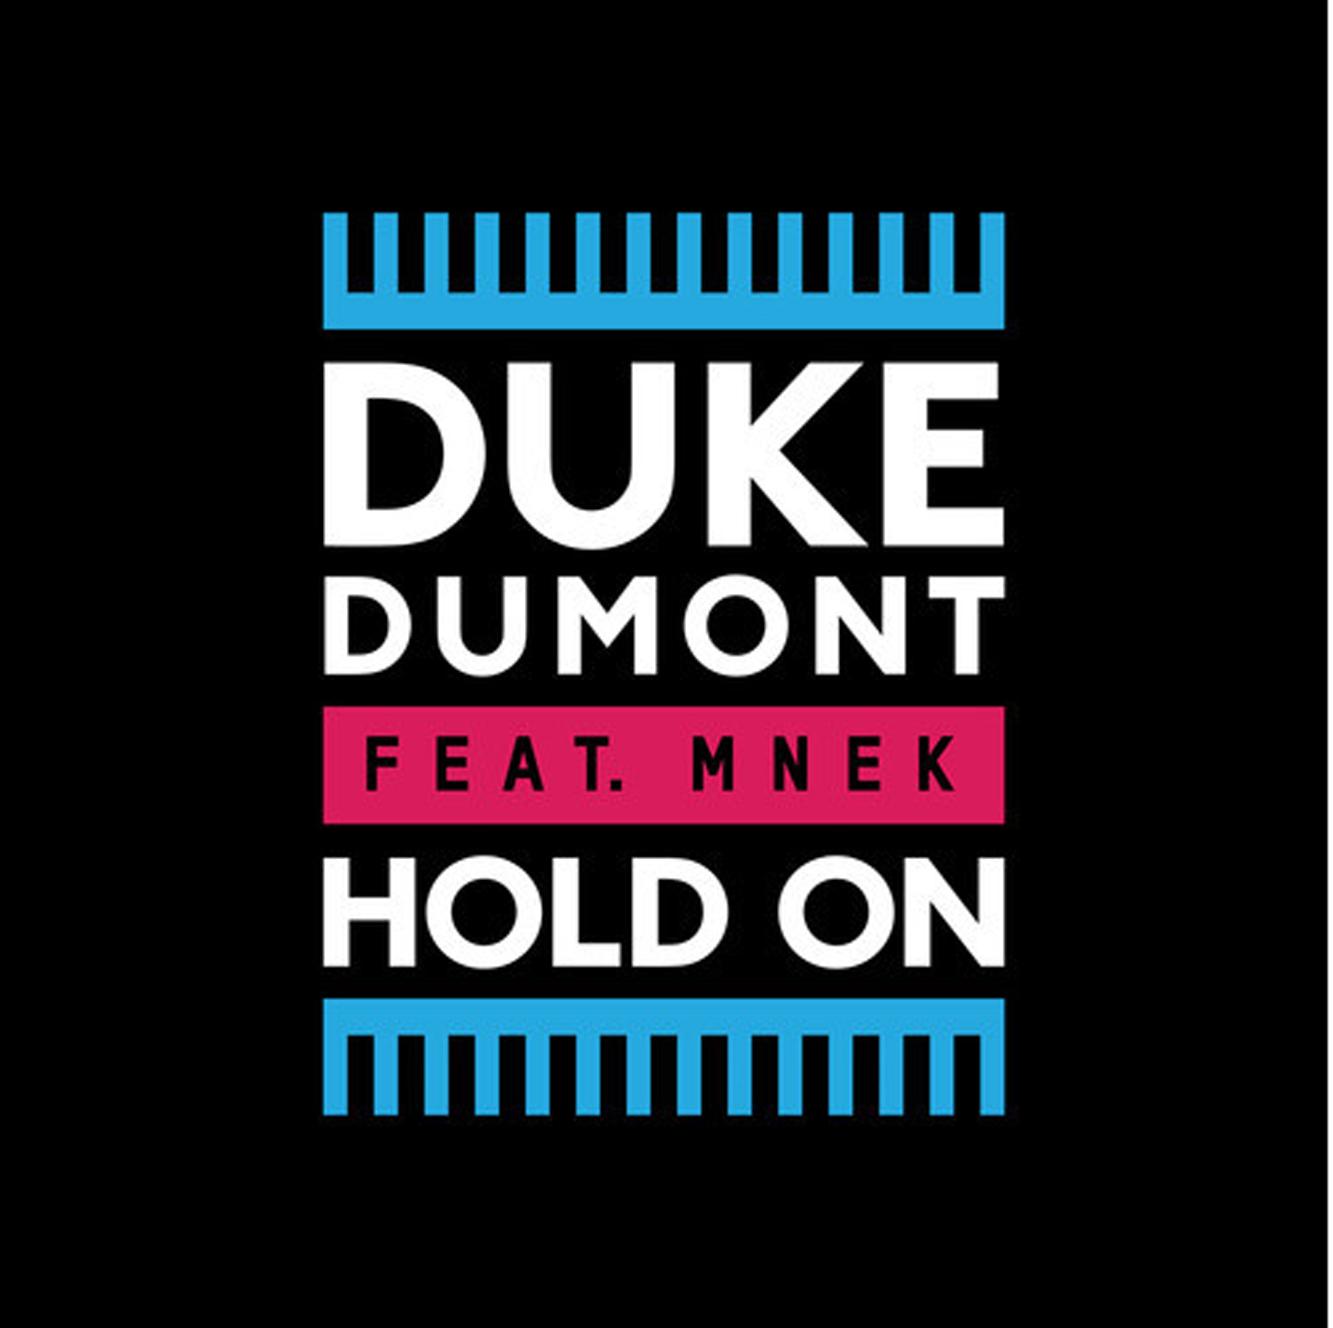 Duke-Dumont-Hold-On-ft-MNEK.jpg